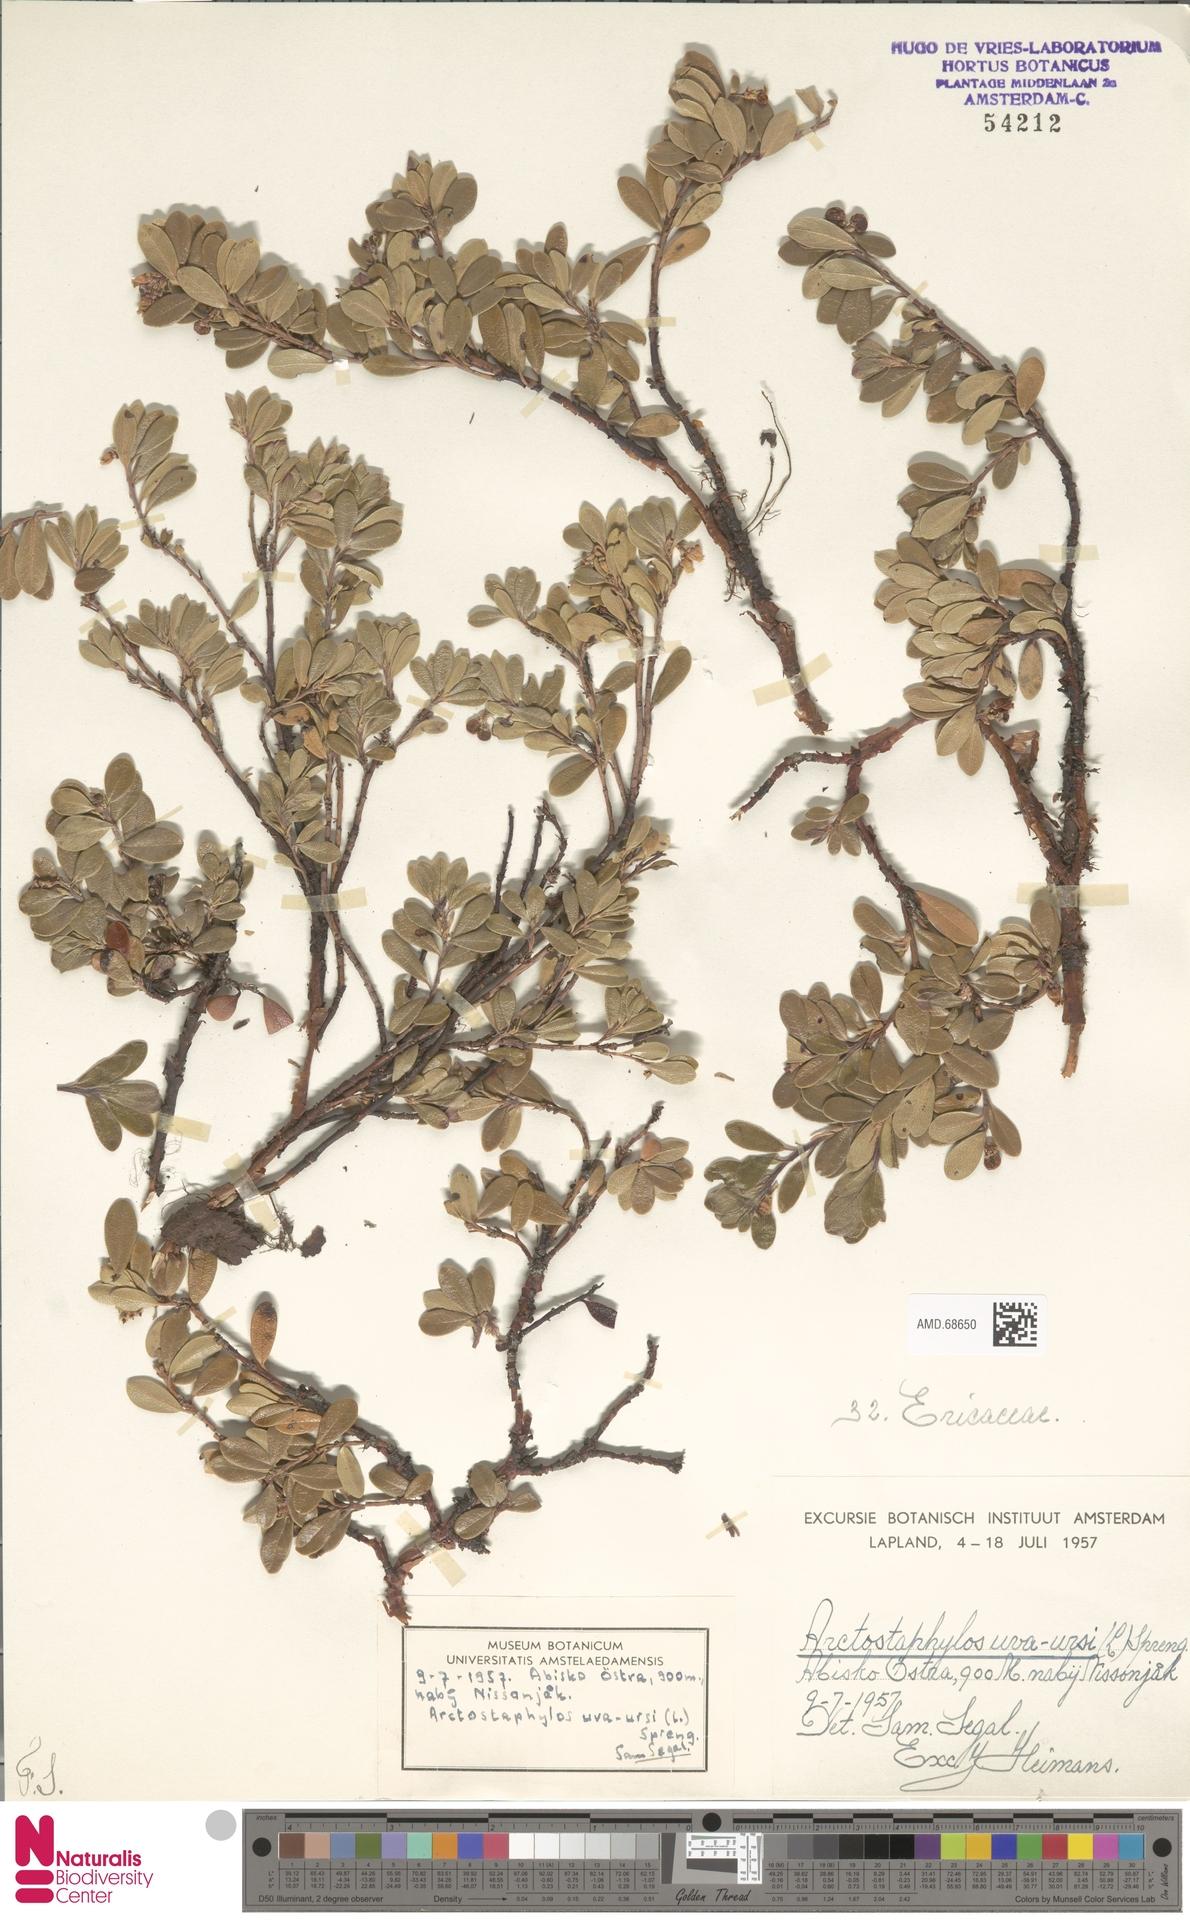 AMD.68650 | Arctostaphylos uva-ursi (L.) Spreng.